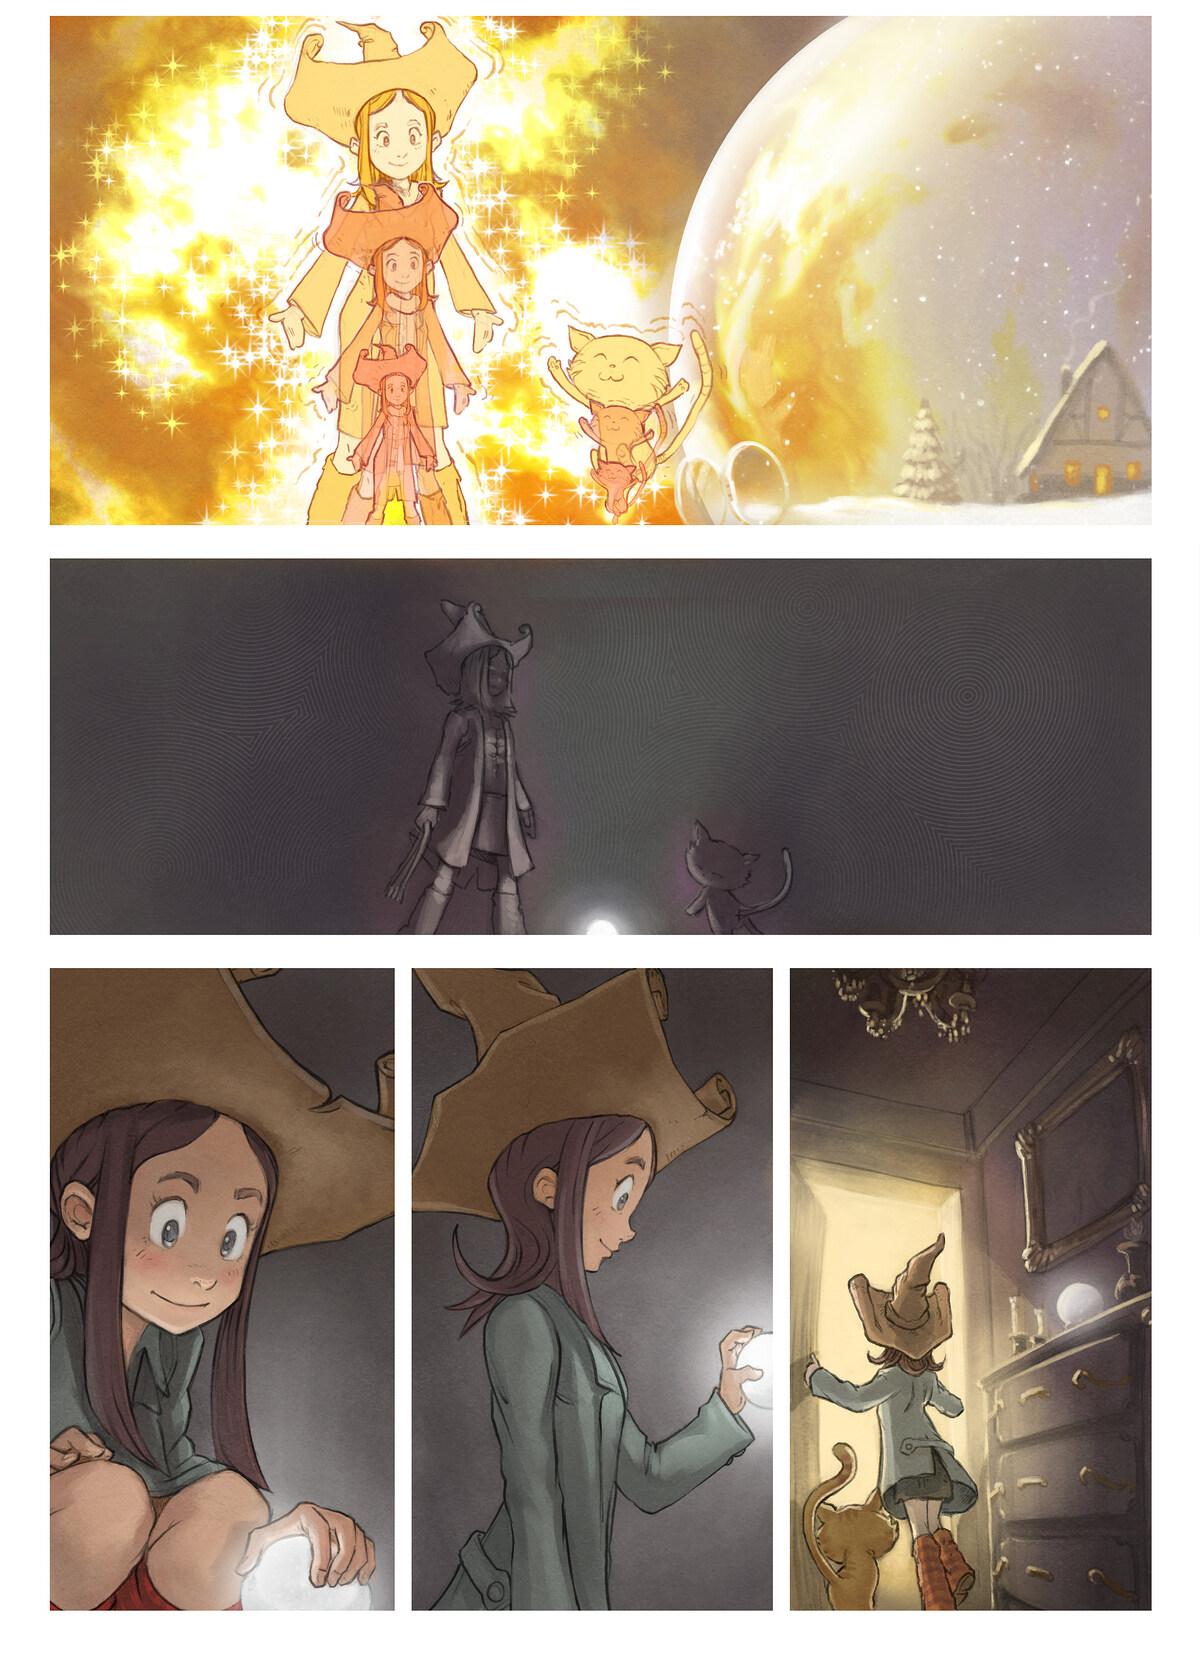 5වන කතාංගය: නිවාඩුවට විශේෂ කතාංගයක්, Page 3